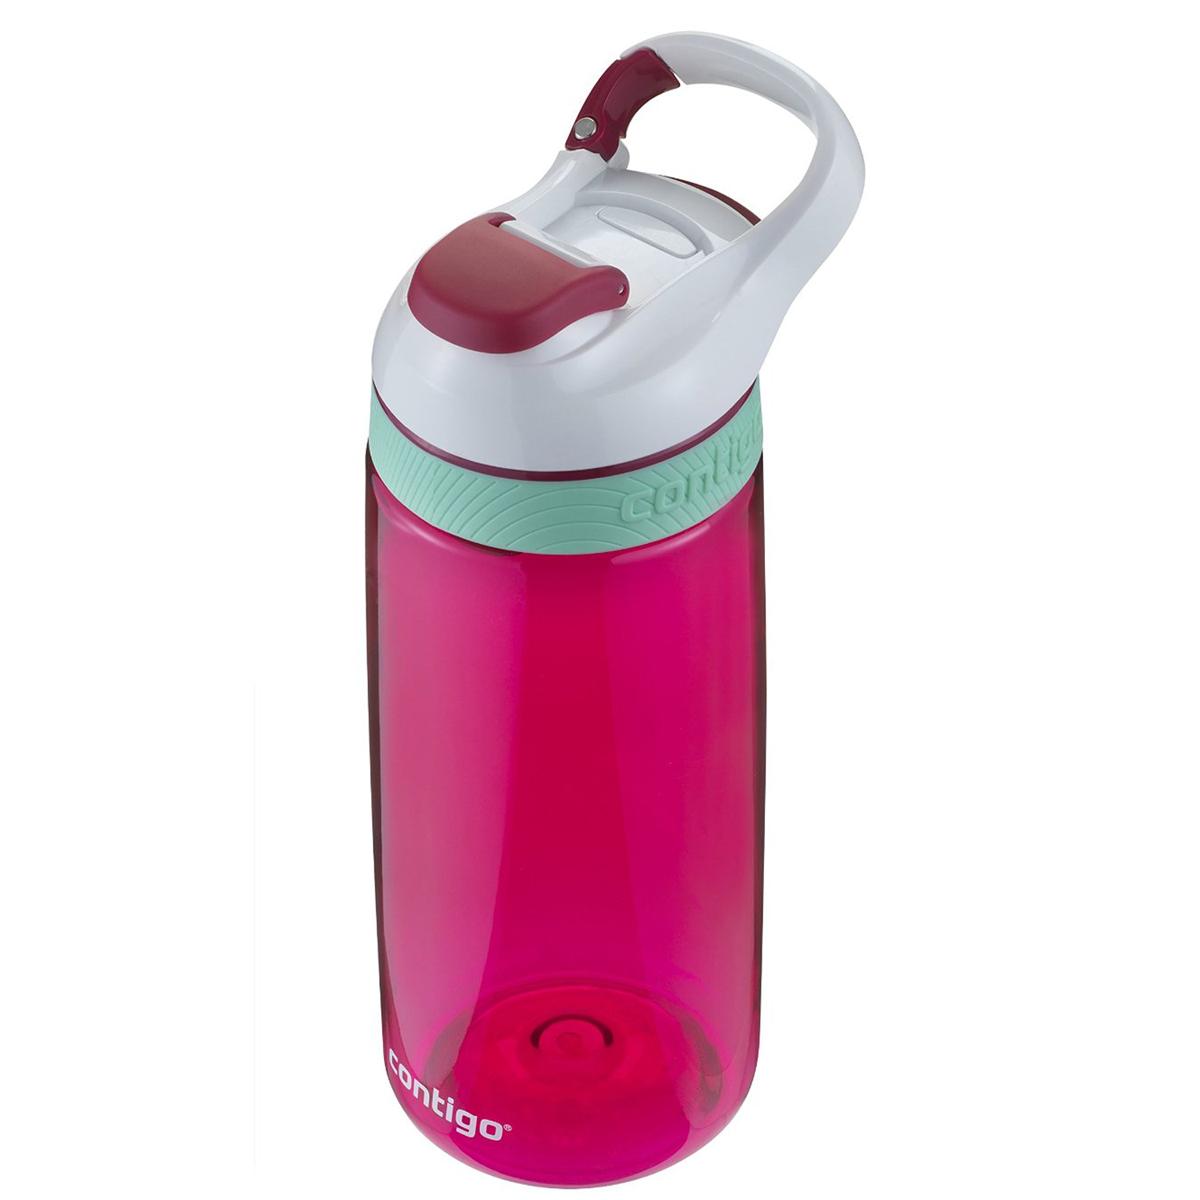 Contigo-20-oz-Kid-039-s-Courtney-AutoSeal-Water-Bottle thumbnail 18